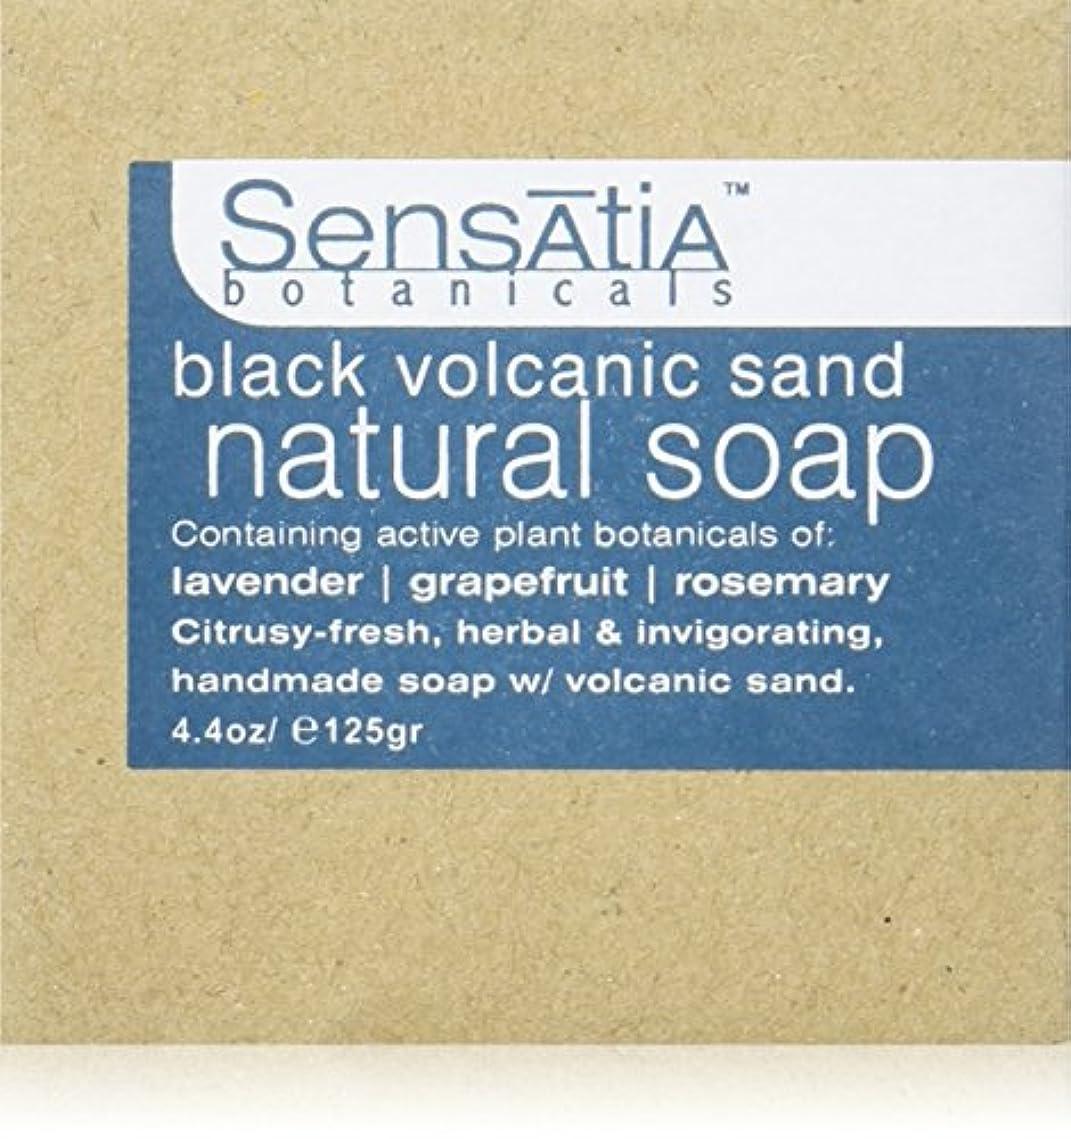 スクレーパー真珠のような完全に乾くSensatia(センセイシャ) フレーバーソープ ブラックボルカニックサンド 125g